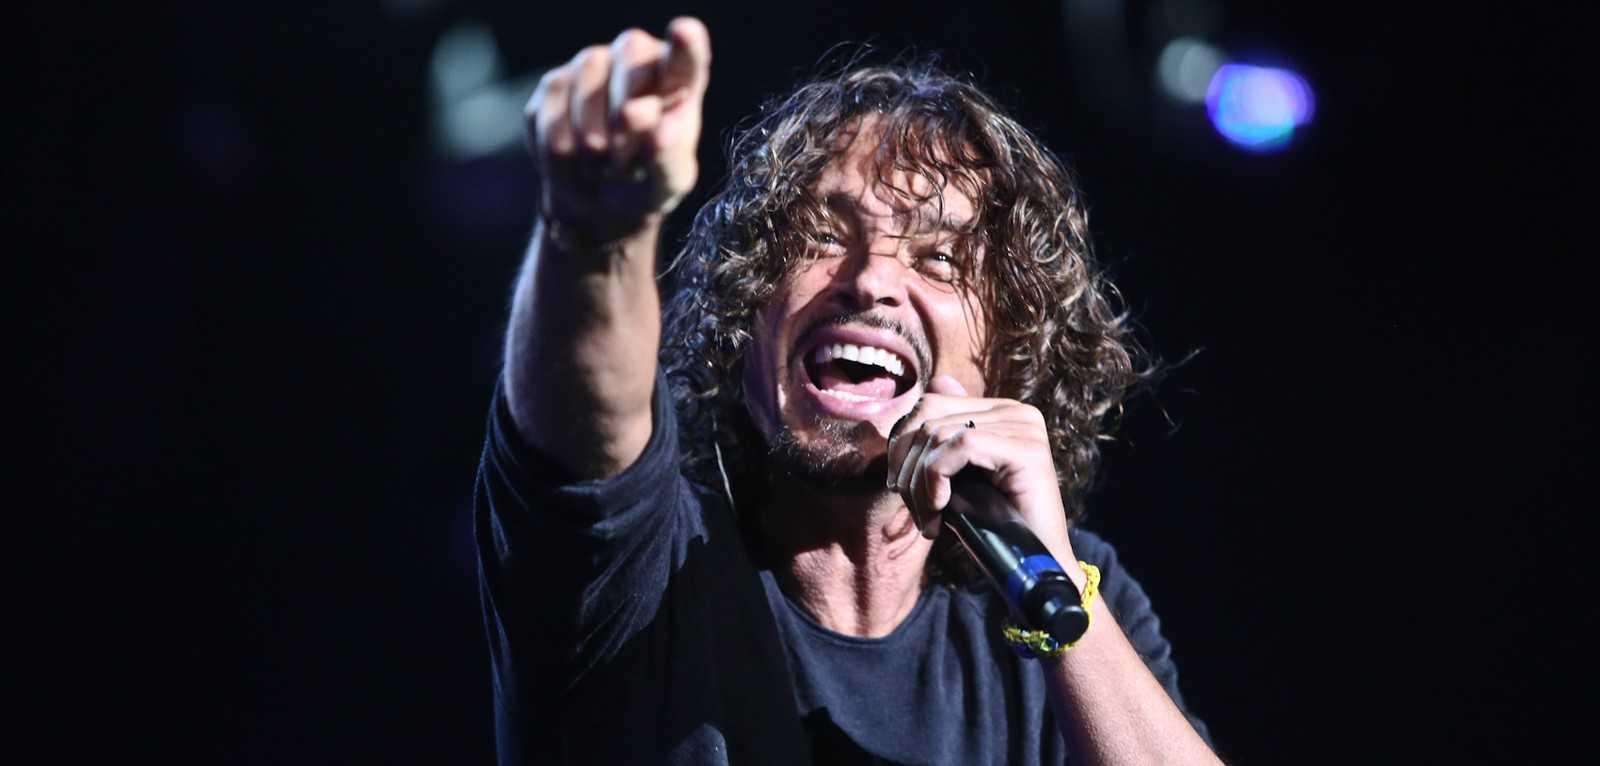 Chris Cornell canta com o Soundgarden no Lollapalooza 2014, em São Paulo (Foto: Raul Zito/G1)